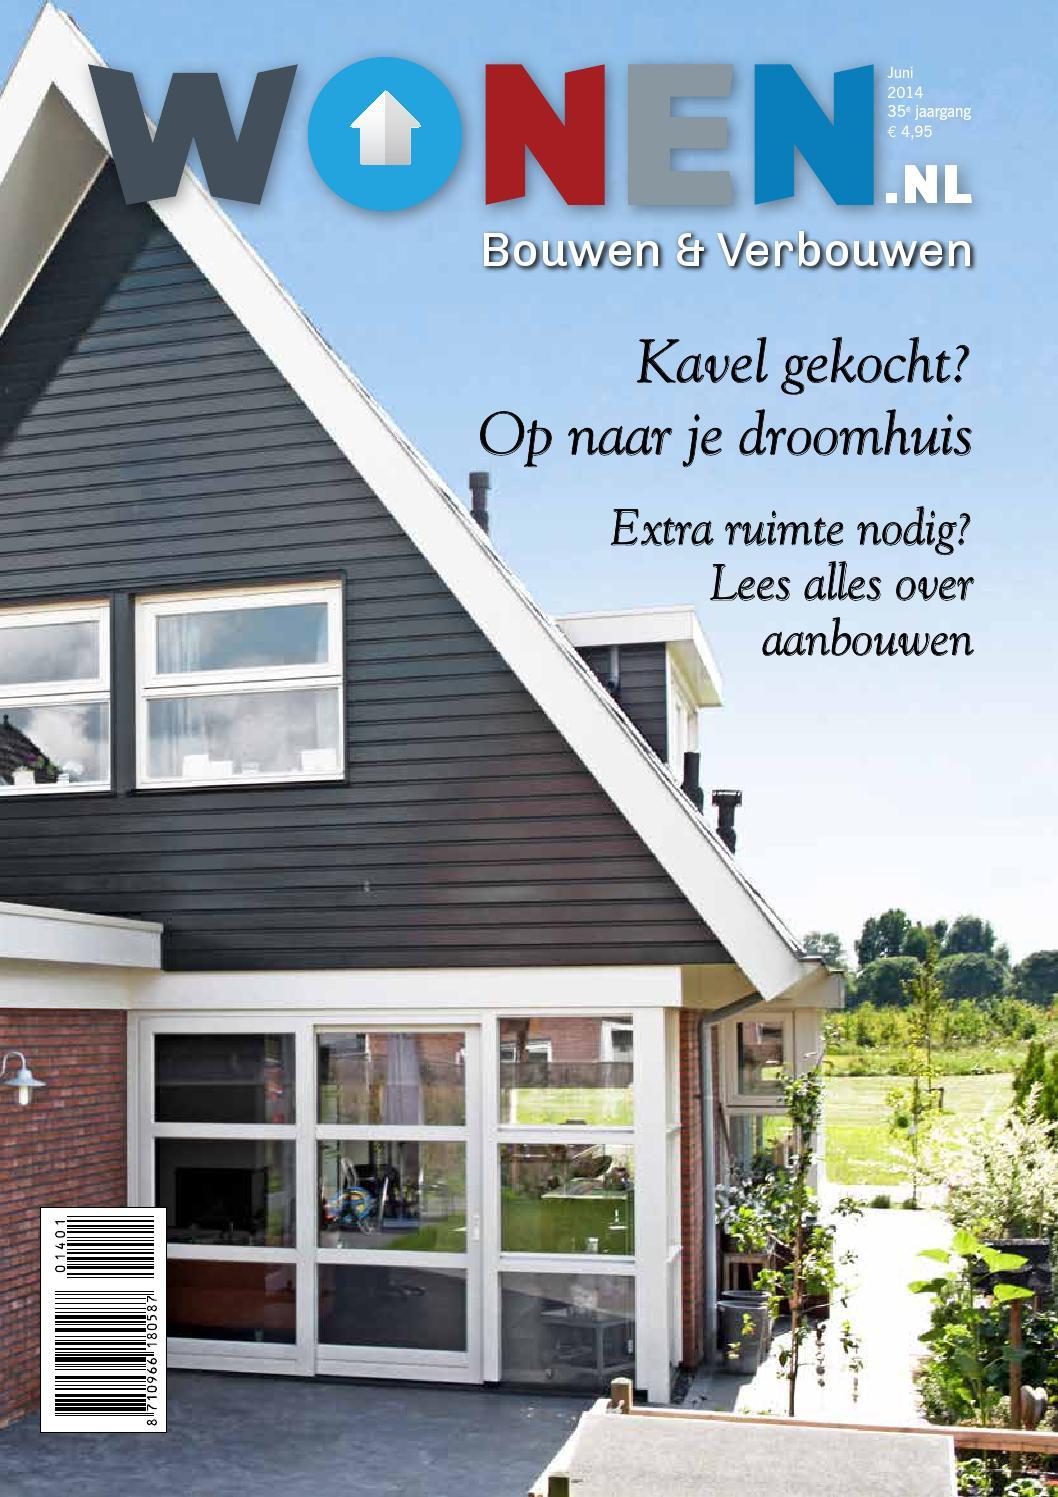 Wonen.nl bouwen & verbouwen 2013 2 by wonen media   issuu